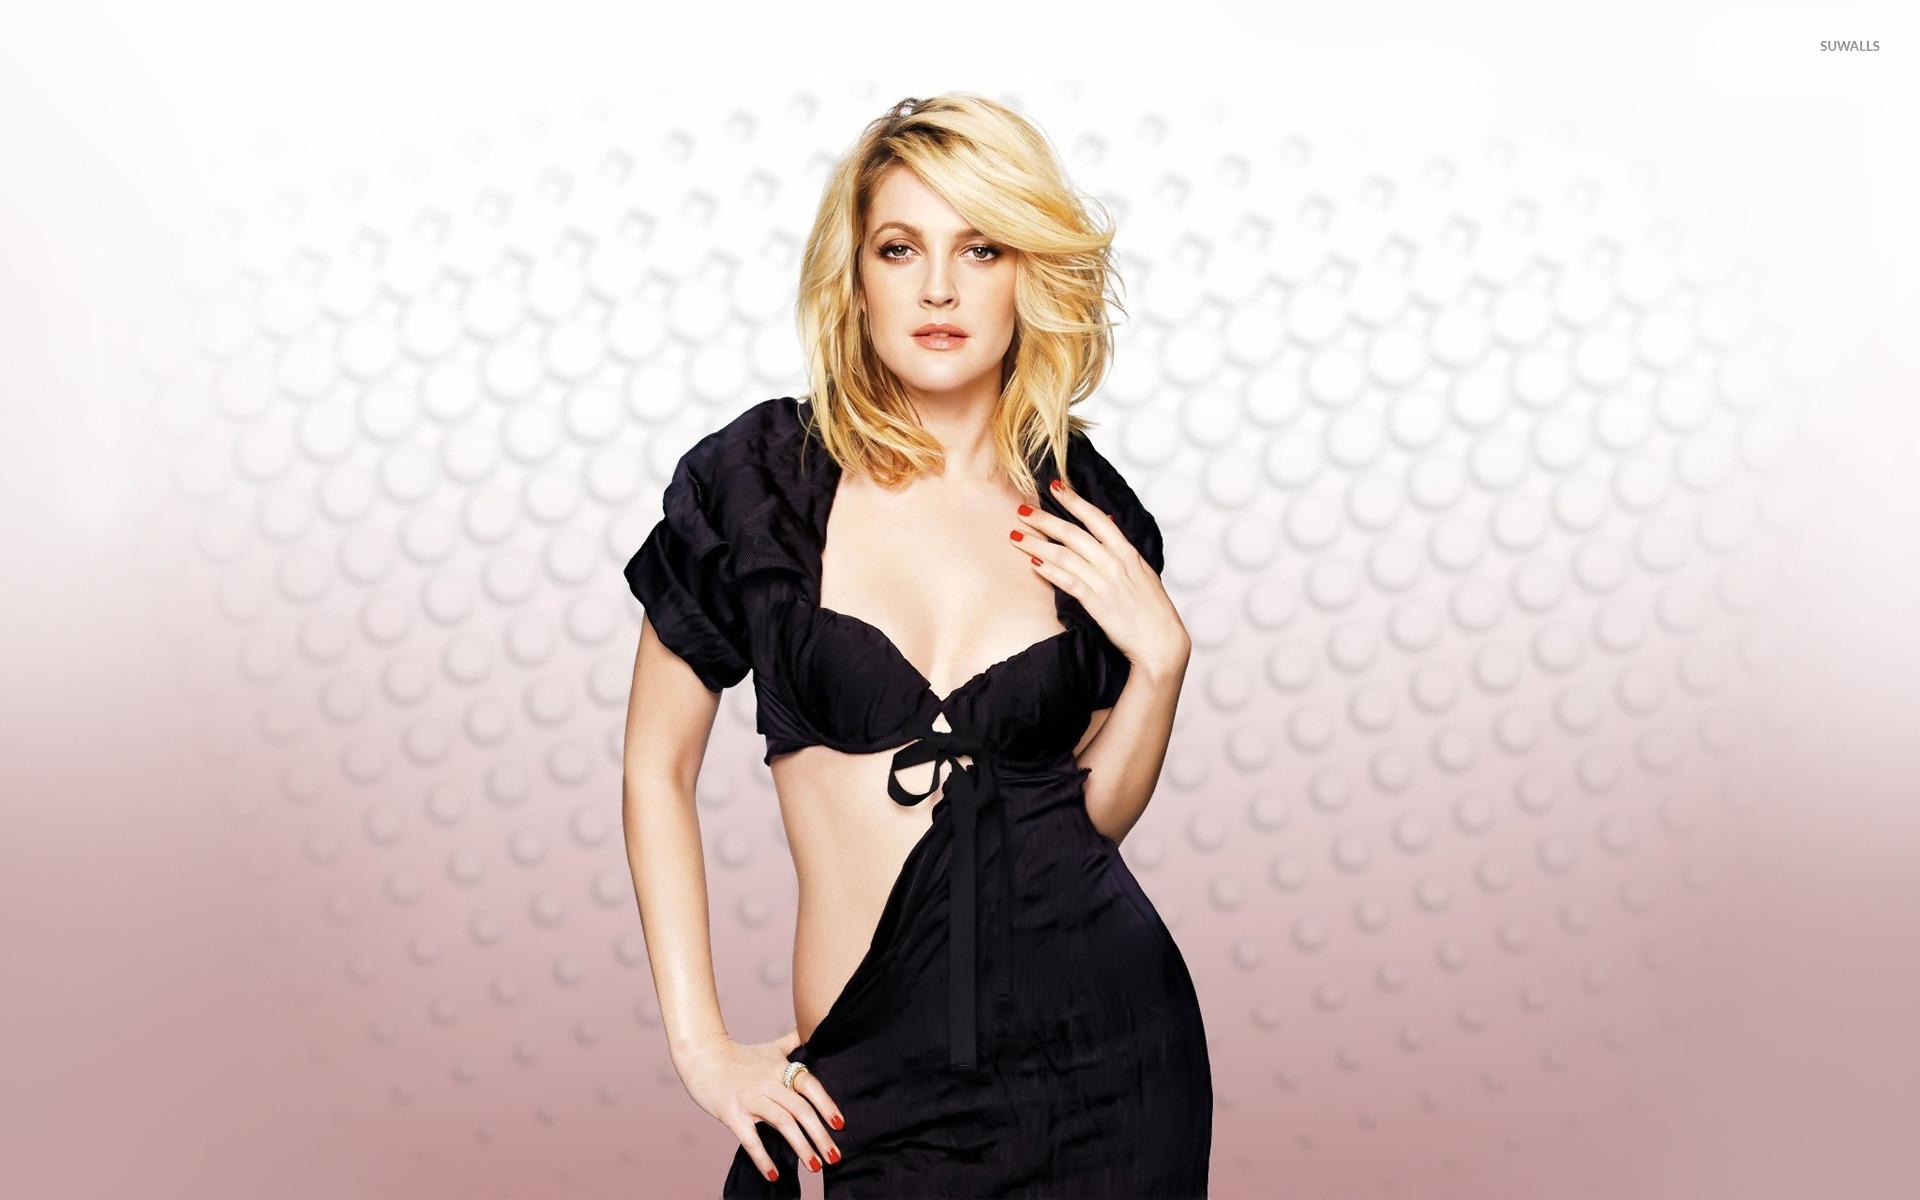 Drew Barrymore 2 Wallpaper Celebrity Wallpapers 12653